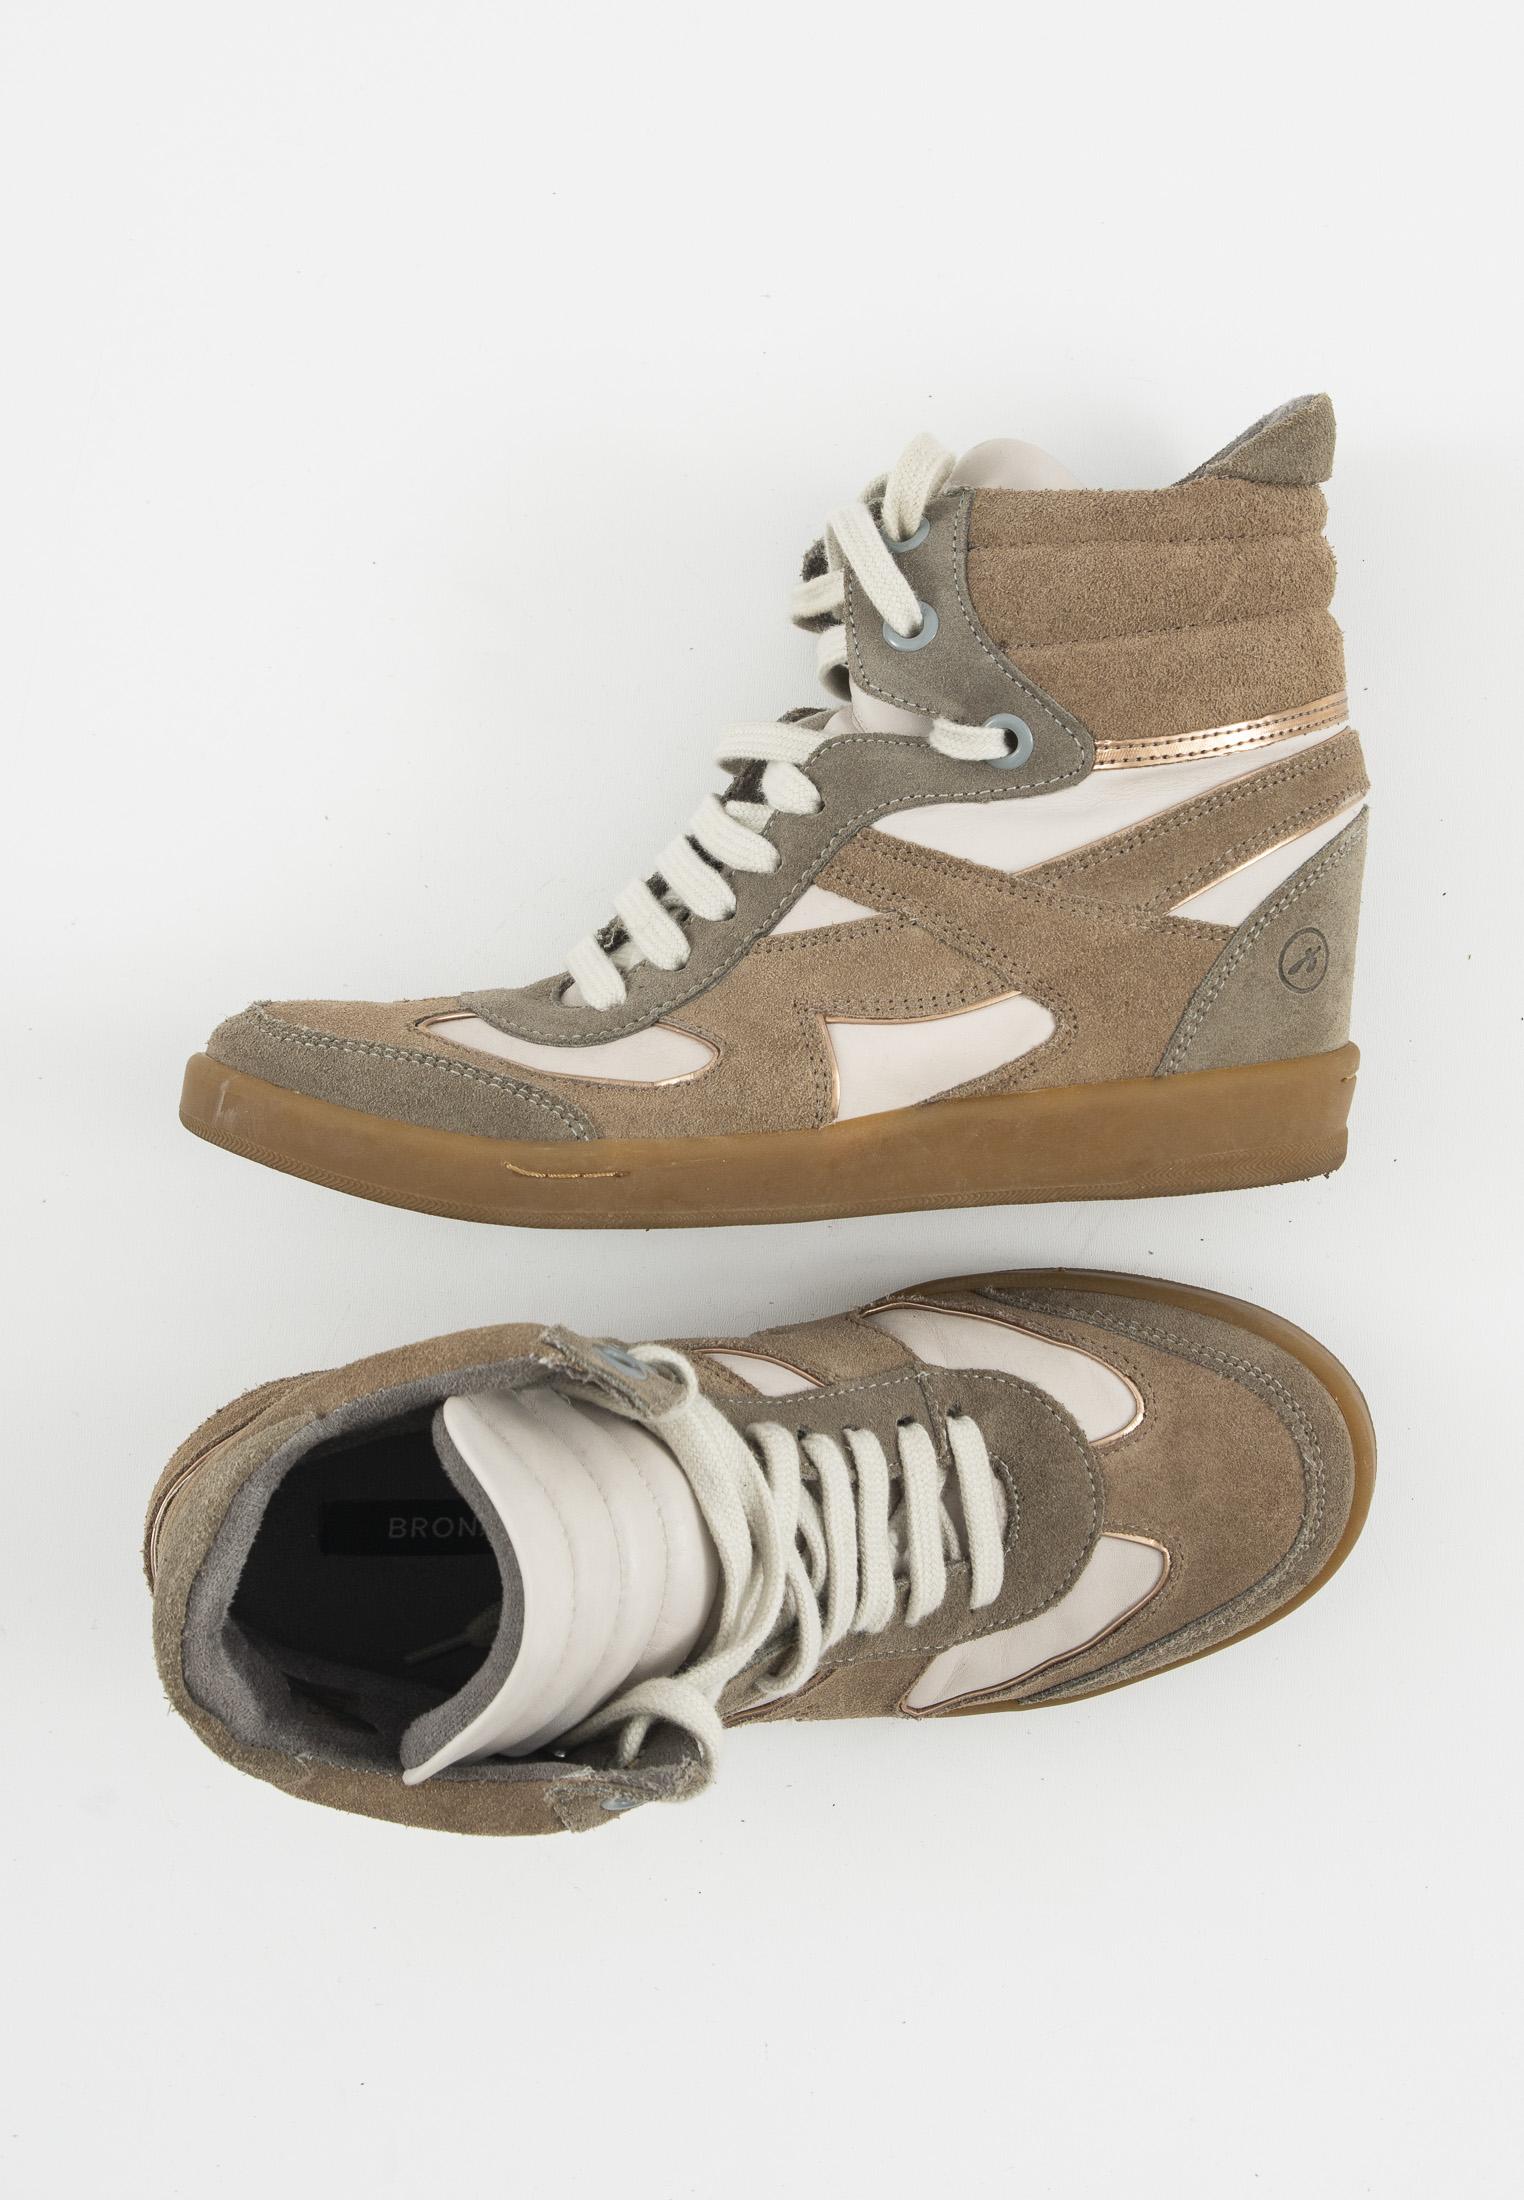 Bronx Stiefel / Stiefelette / Boots Braun Gr.39